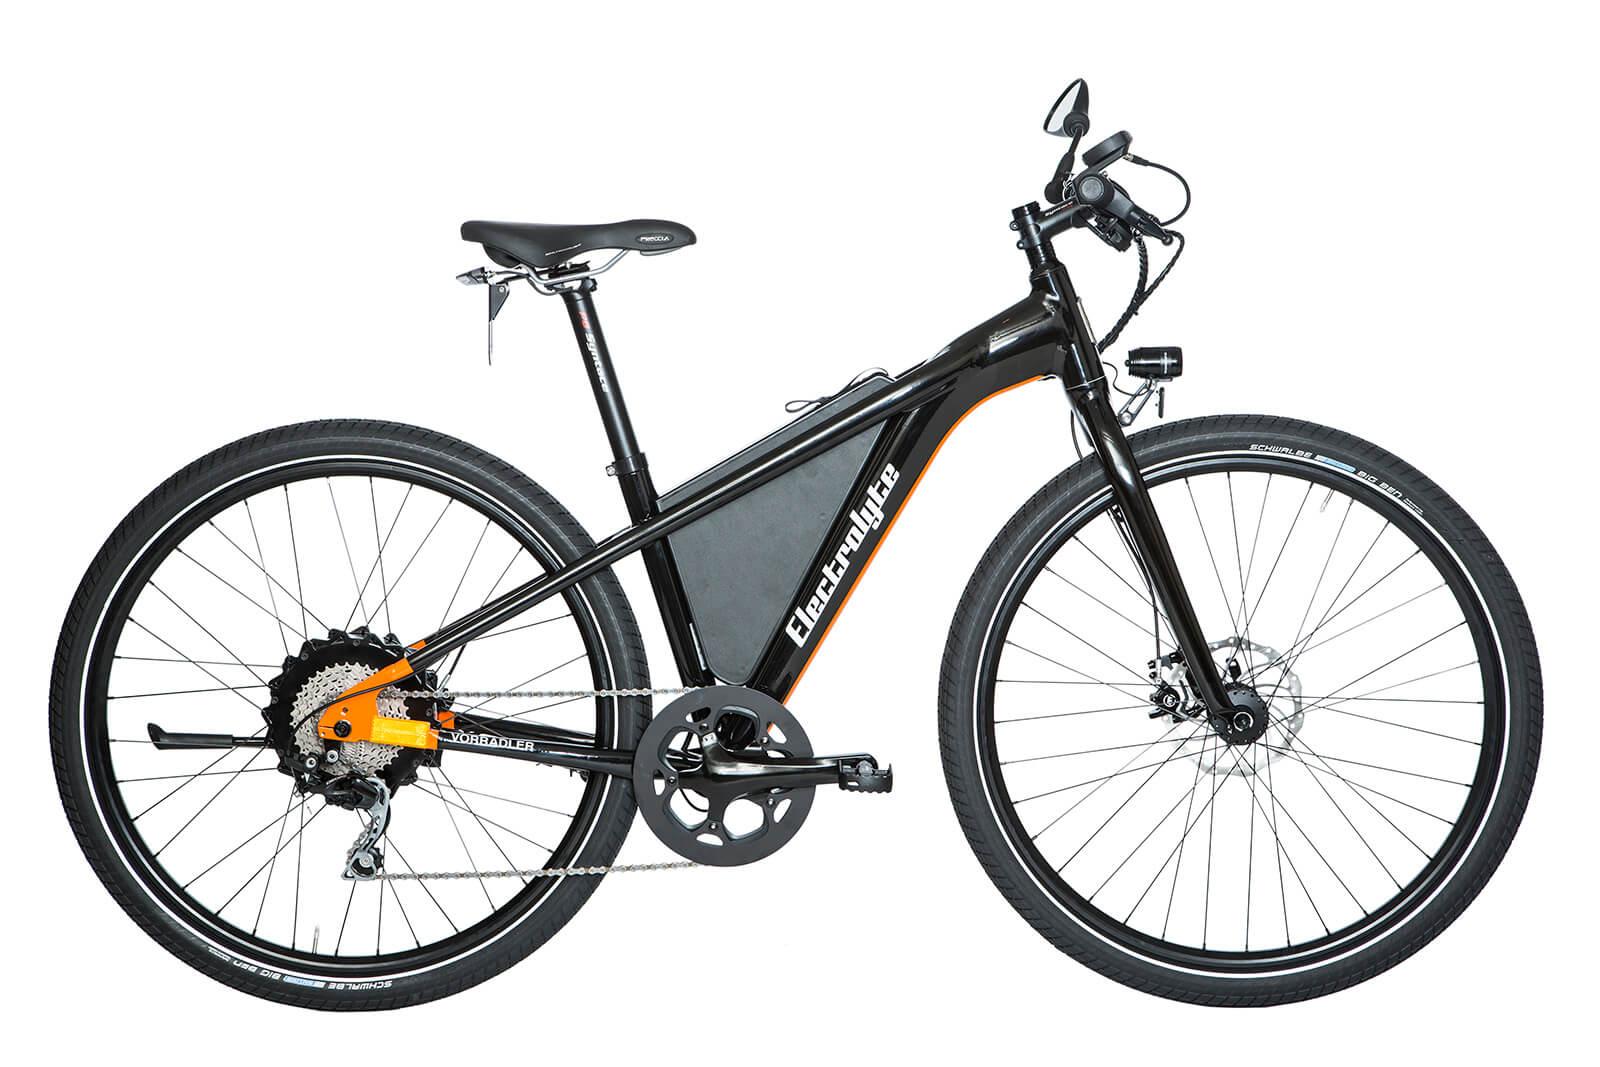 sale vorradler s3e classic 45 s pedelec mit 45 km h testrad schwarz orange ohne city kit. Black Bedroom Furniture Sets. Home Design Ideas